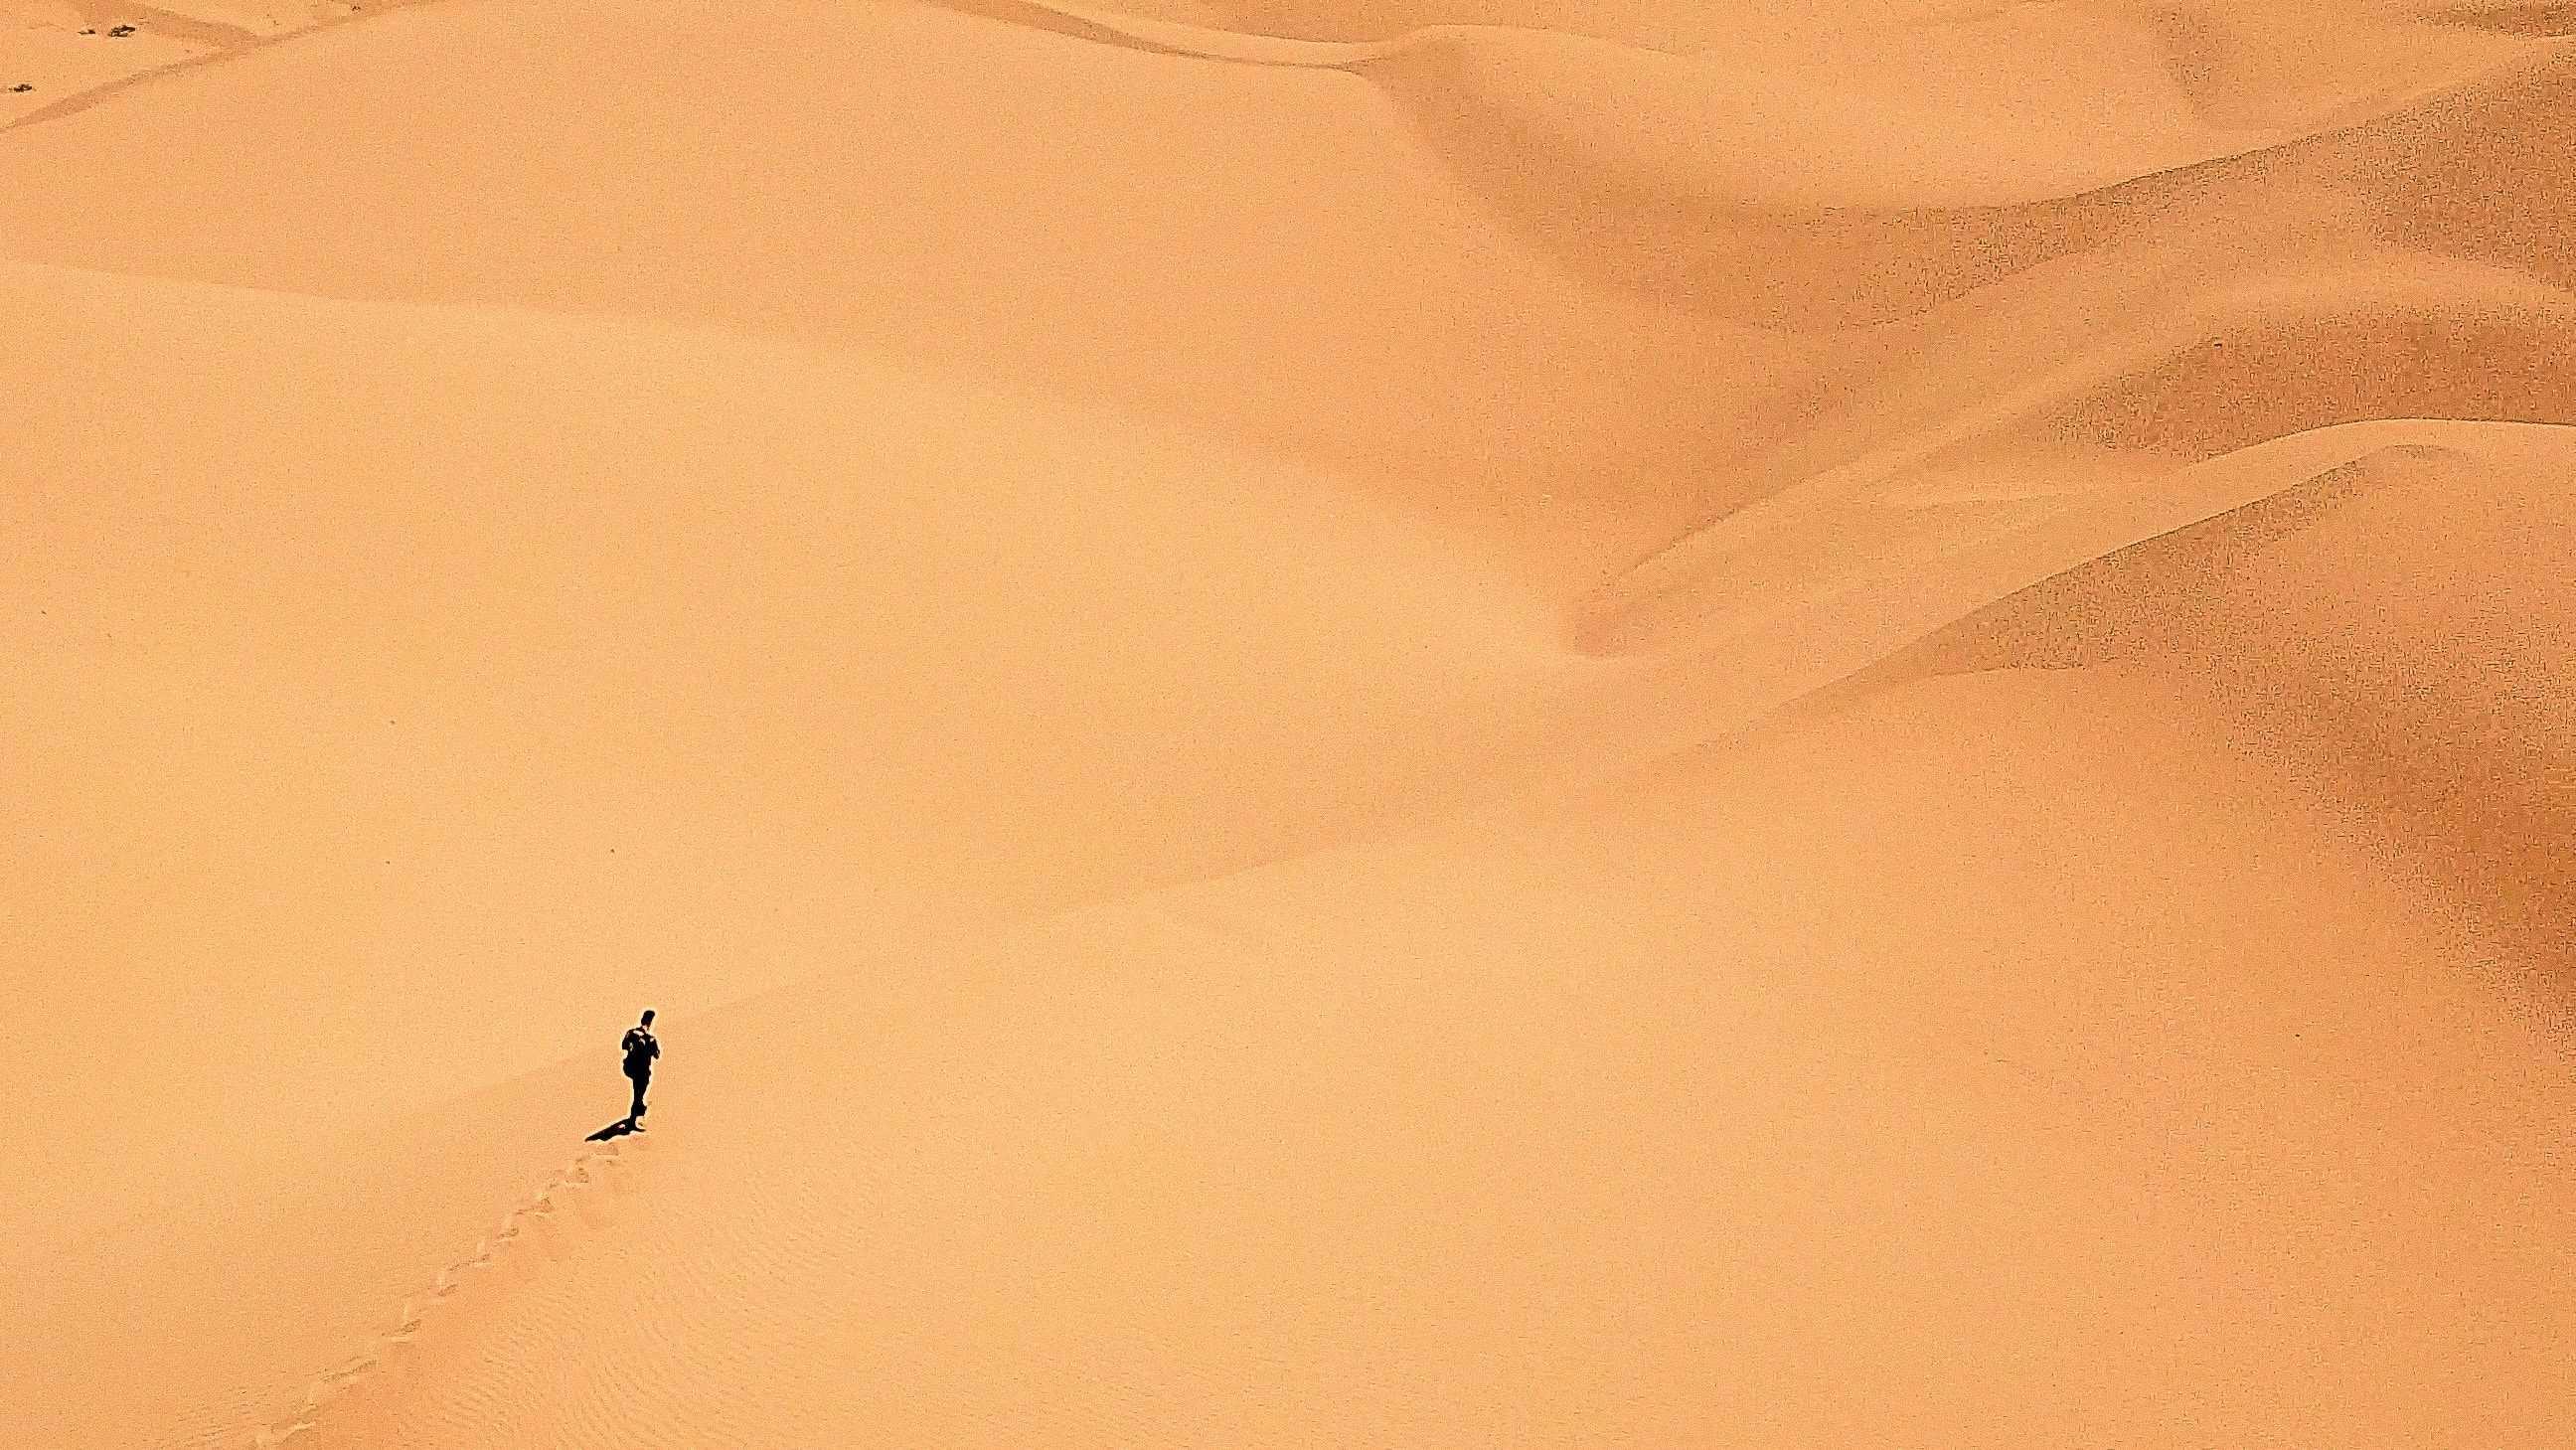 Wanderer in Sandwüste